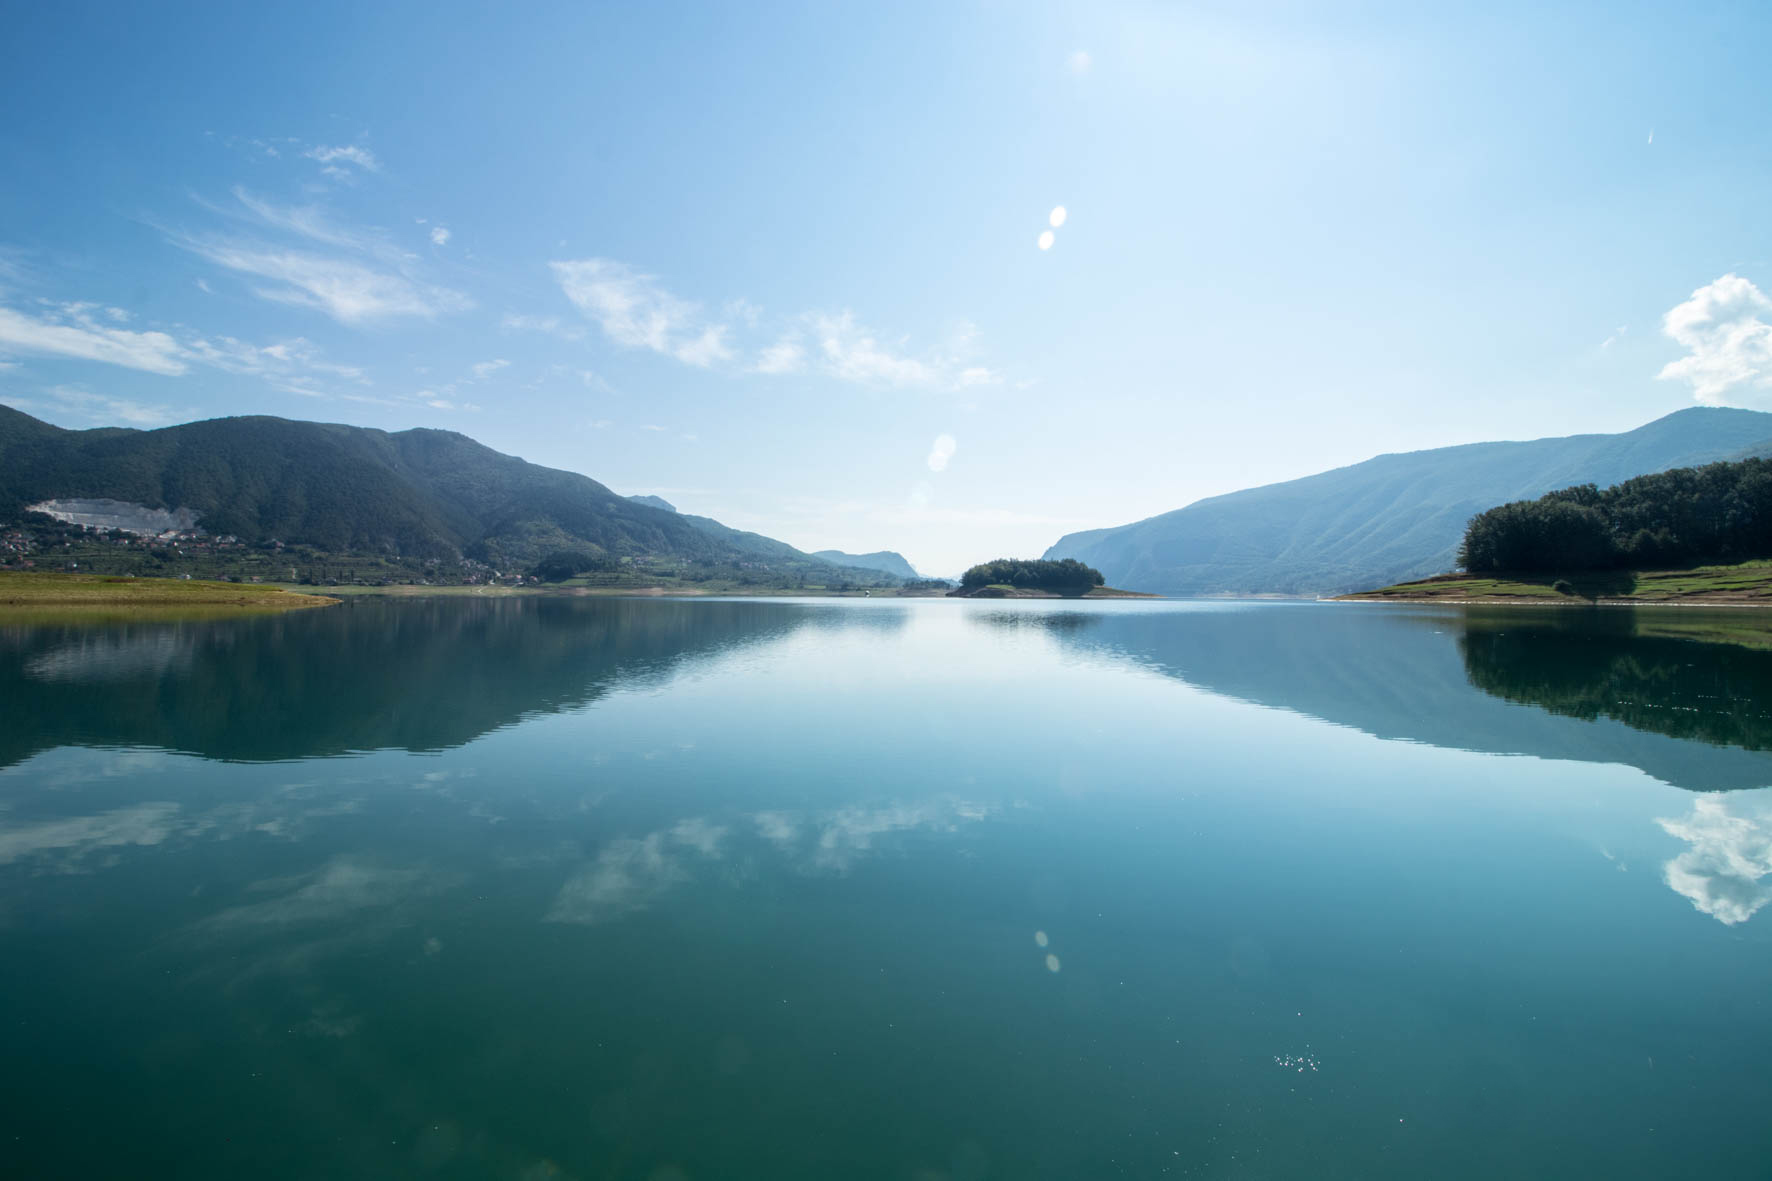 Ramsko Jezero. Ramsko Lake in Bosnië.